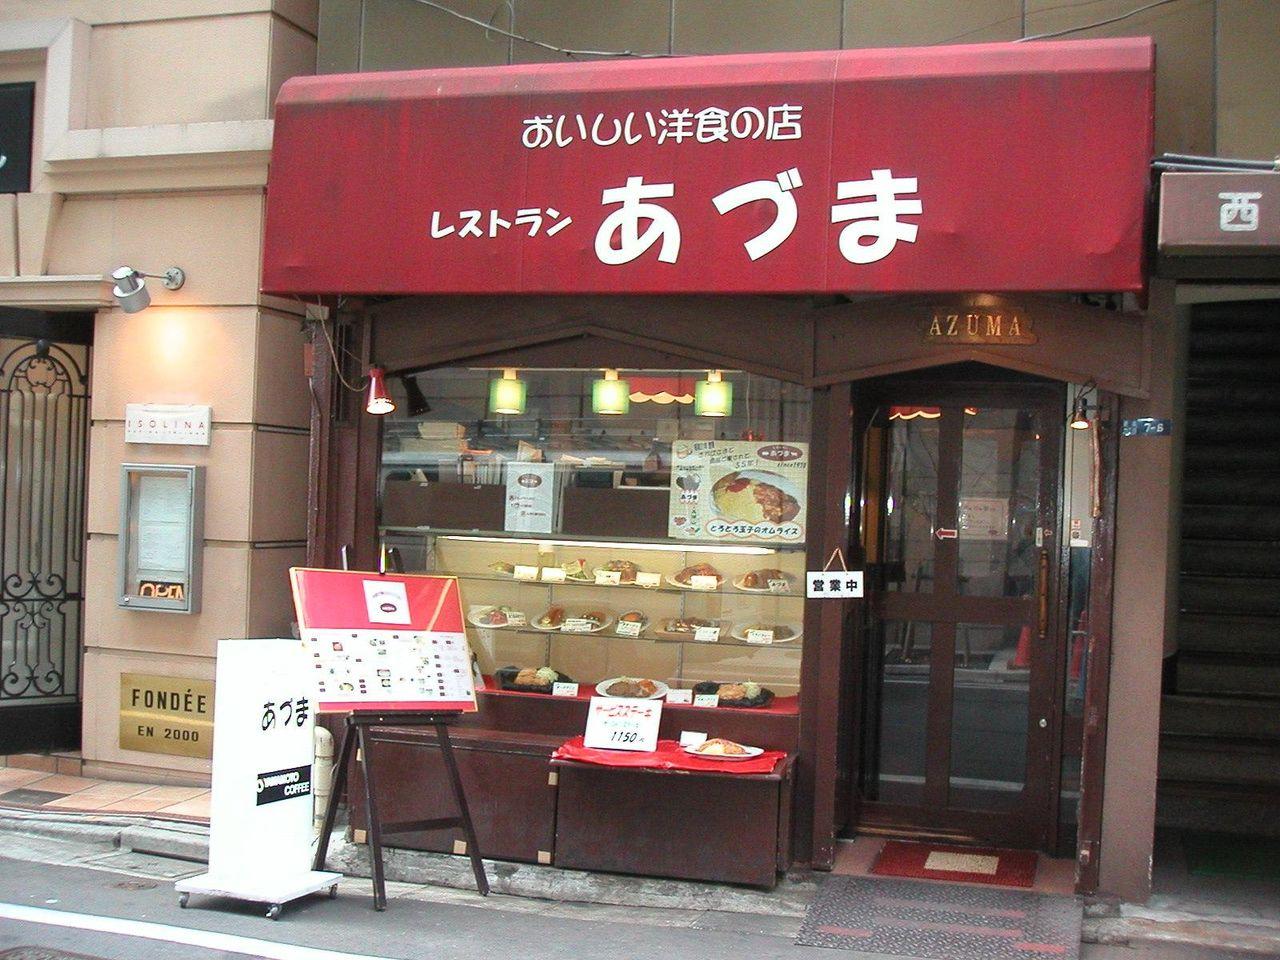 銀座の路地裏にある、昔ながらの洋食レストラン